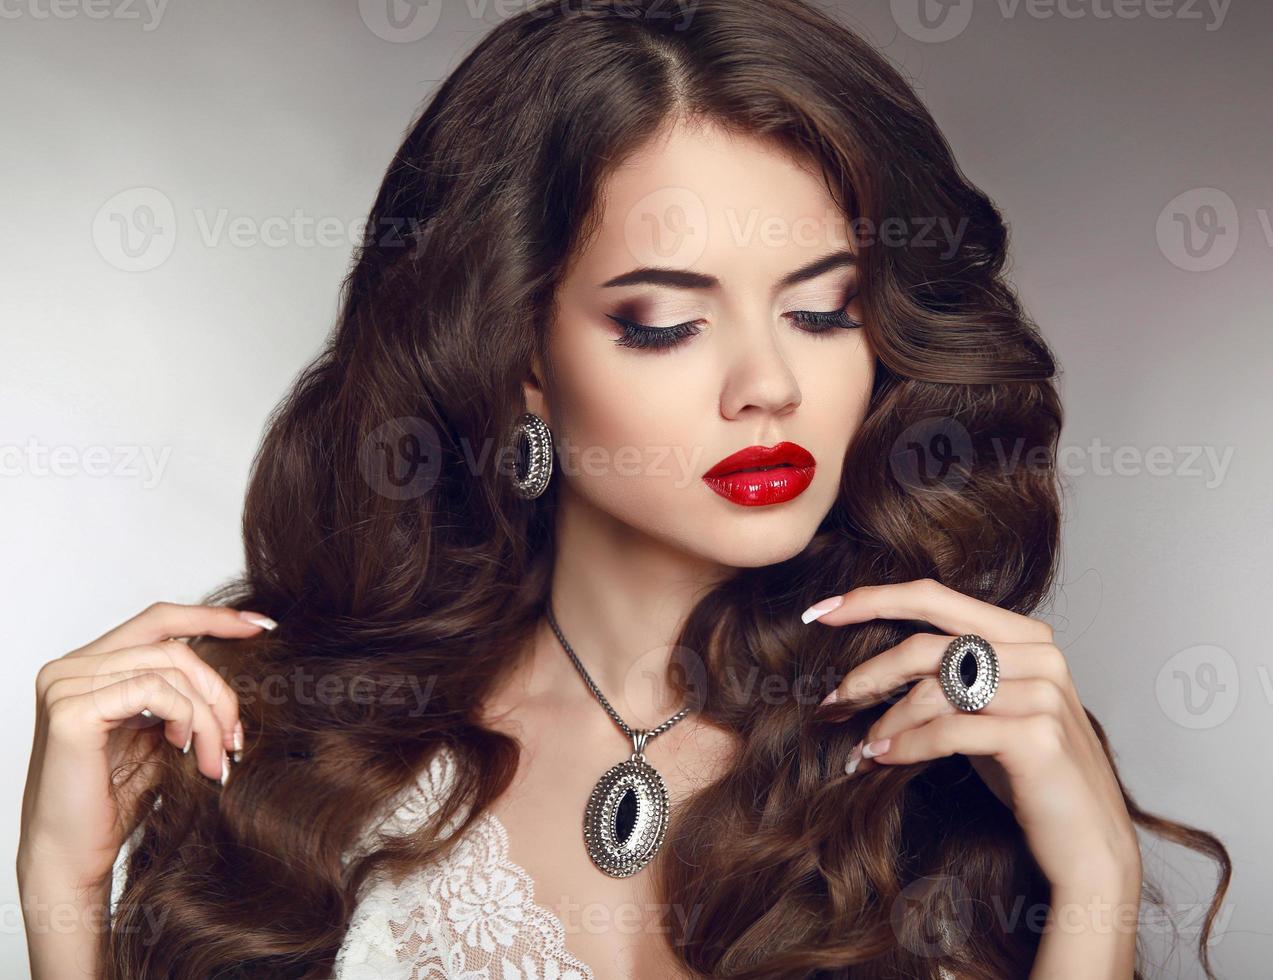 capelli lunghi sani. trucco. gioielleria e bigiotteria. bellissimo foto